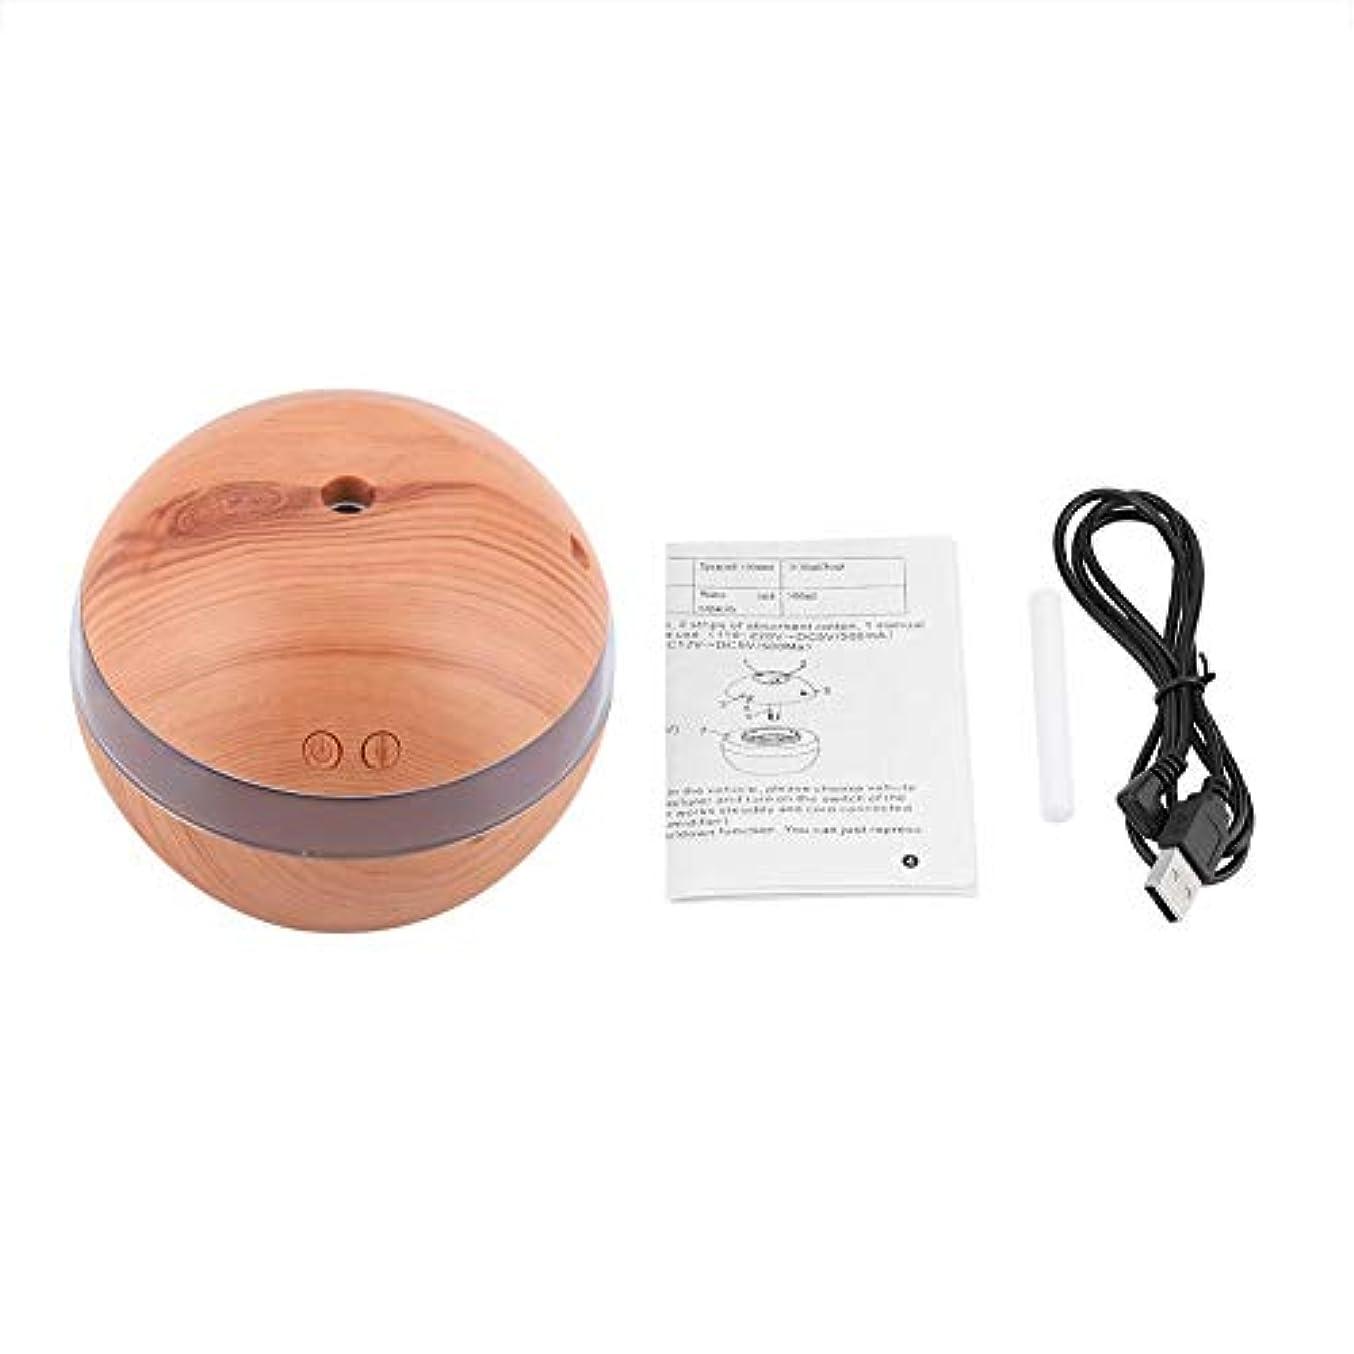 ラウンジ恐ろしいです女将木製加湿器ディフューザー、300ml USBスーパーライトアロマセラピーエッセンシャルオイルアロマディフューザー、LEDライト付き(軽い木製)